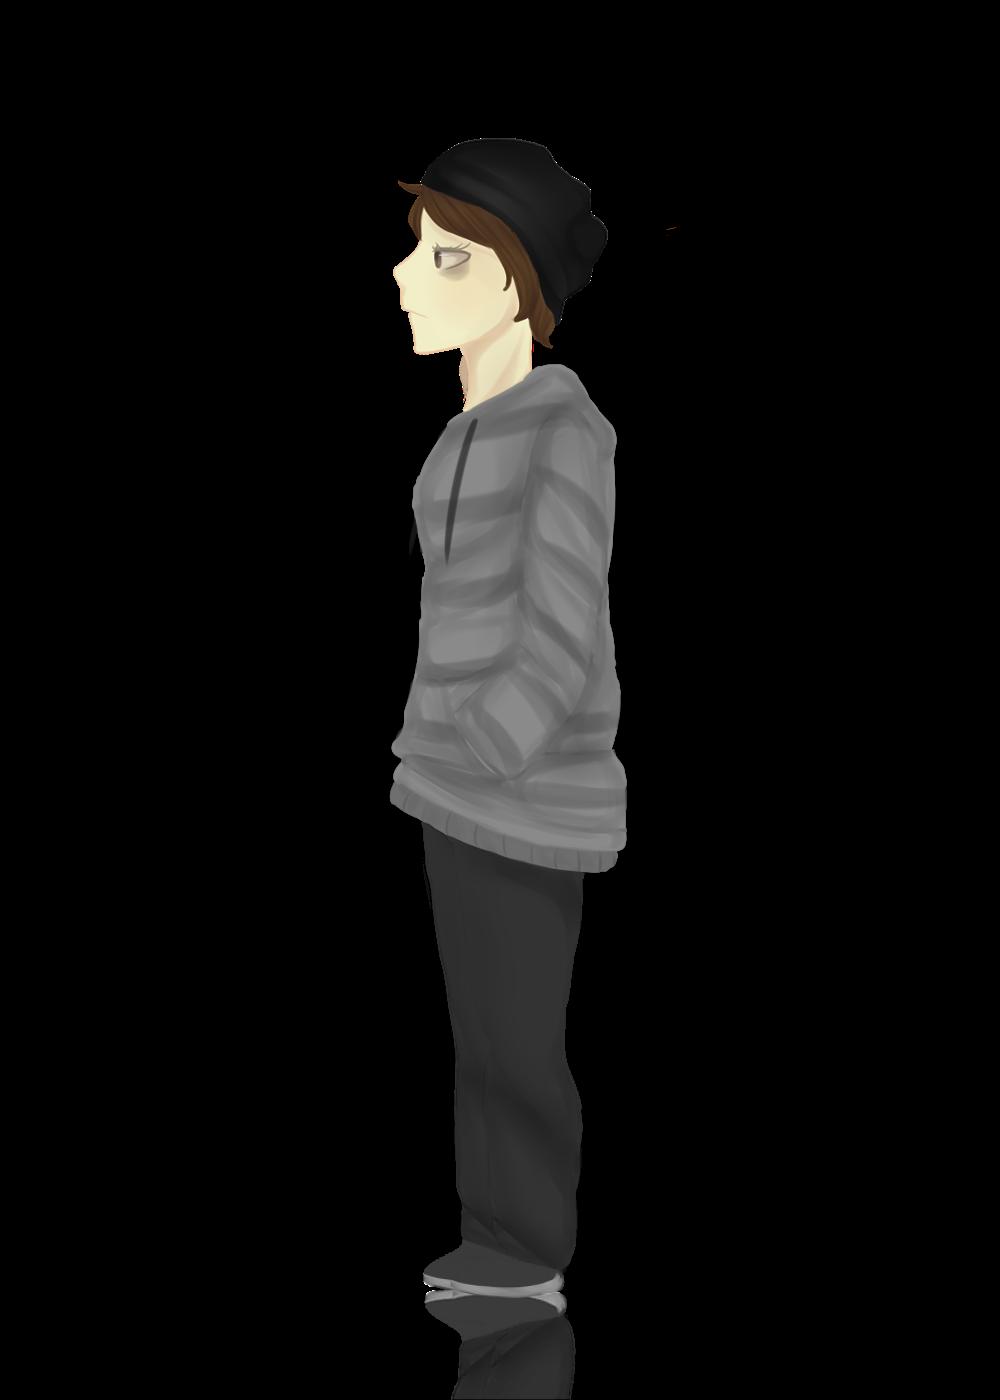 DANNYS12347's Profile Picture